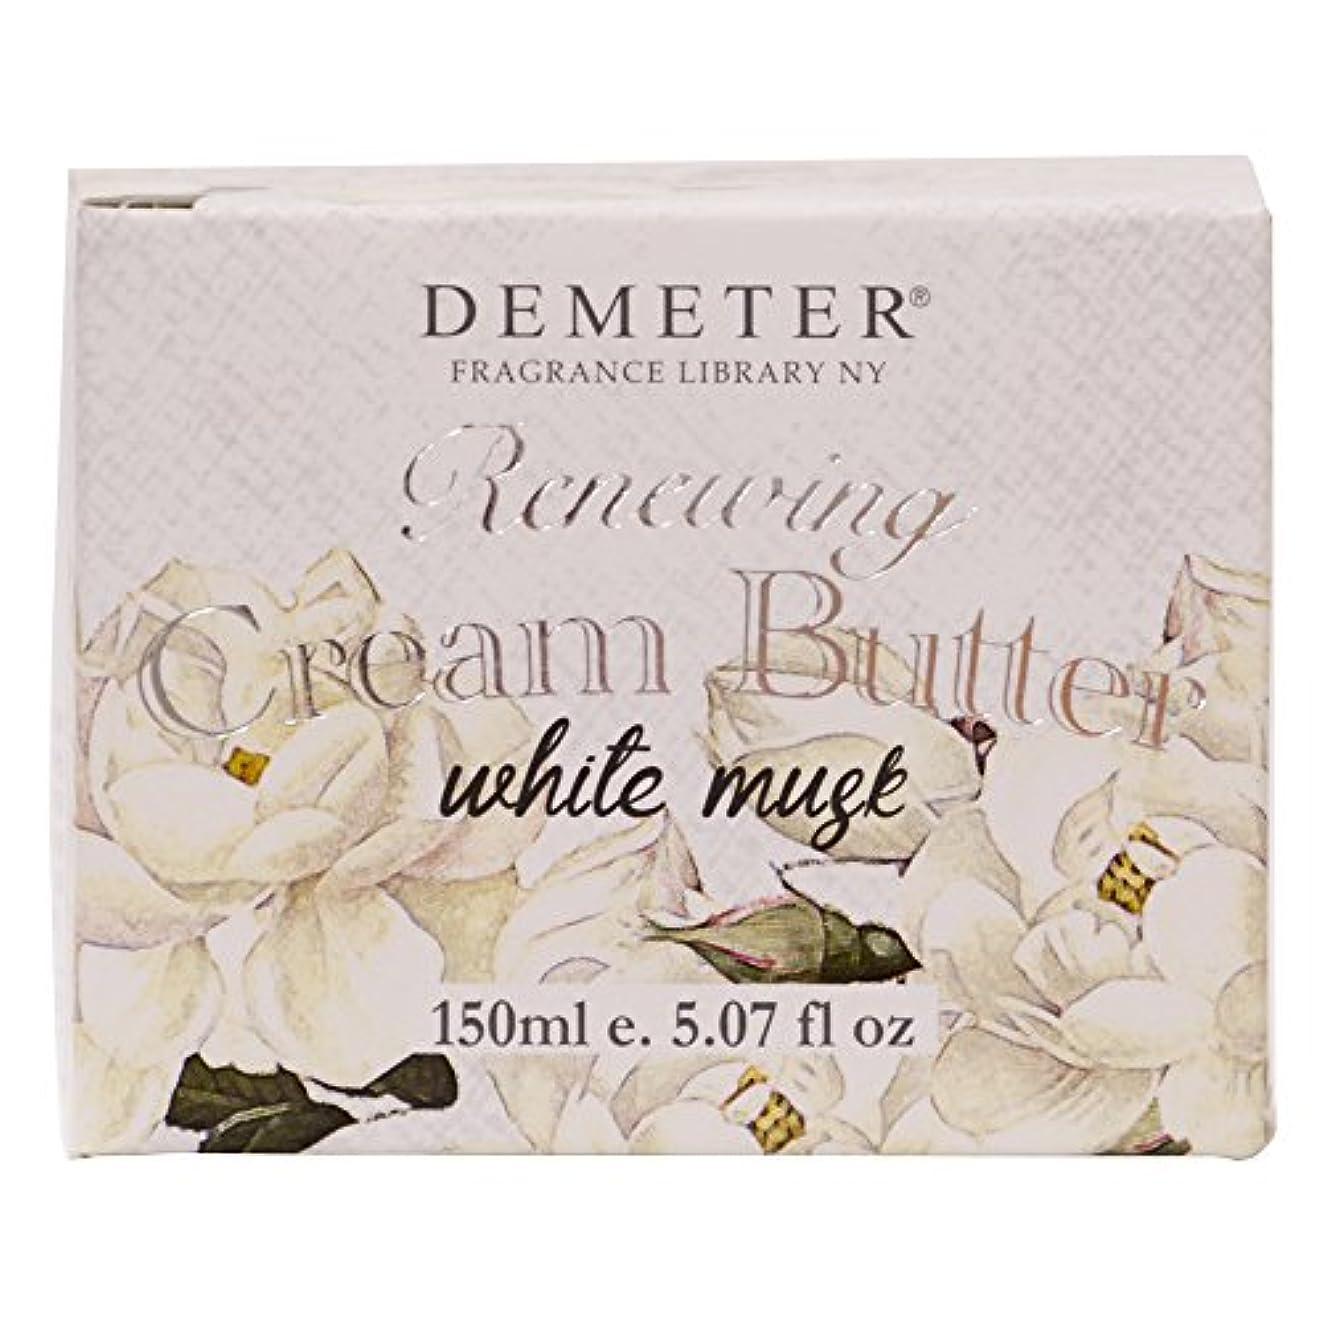 花弁一致するバンドルDEMETER ボディクリームバターホワイトムスク 150ml